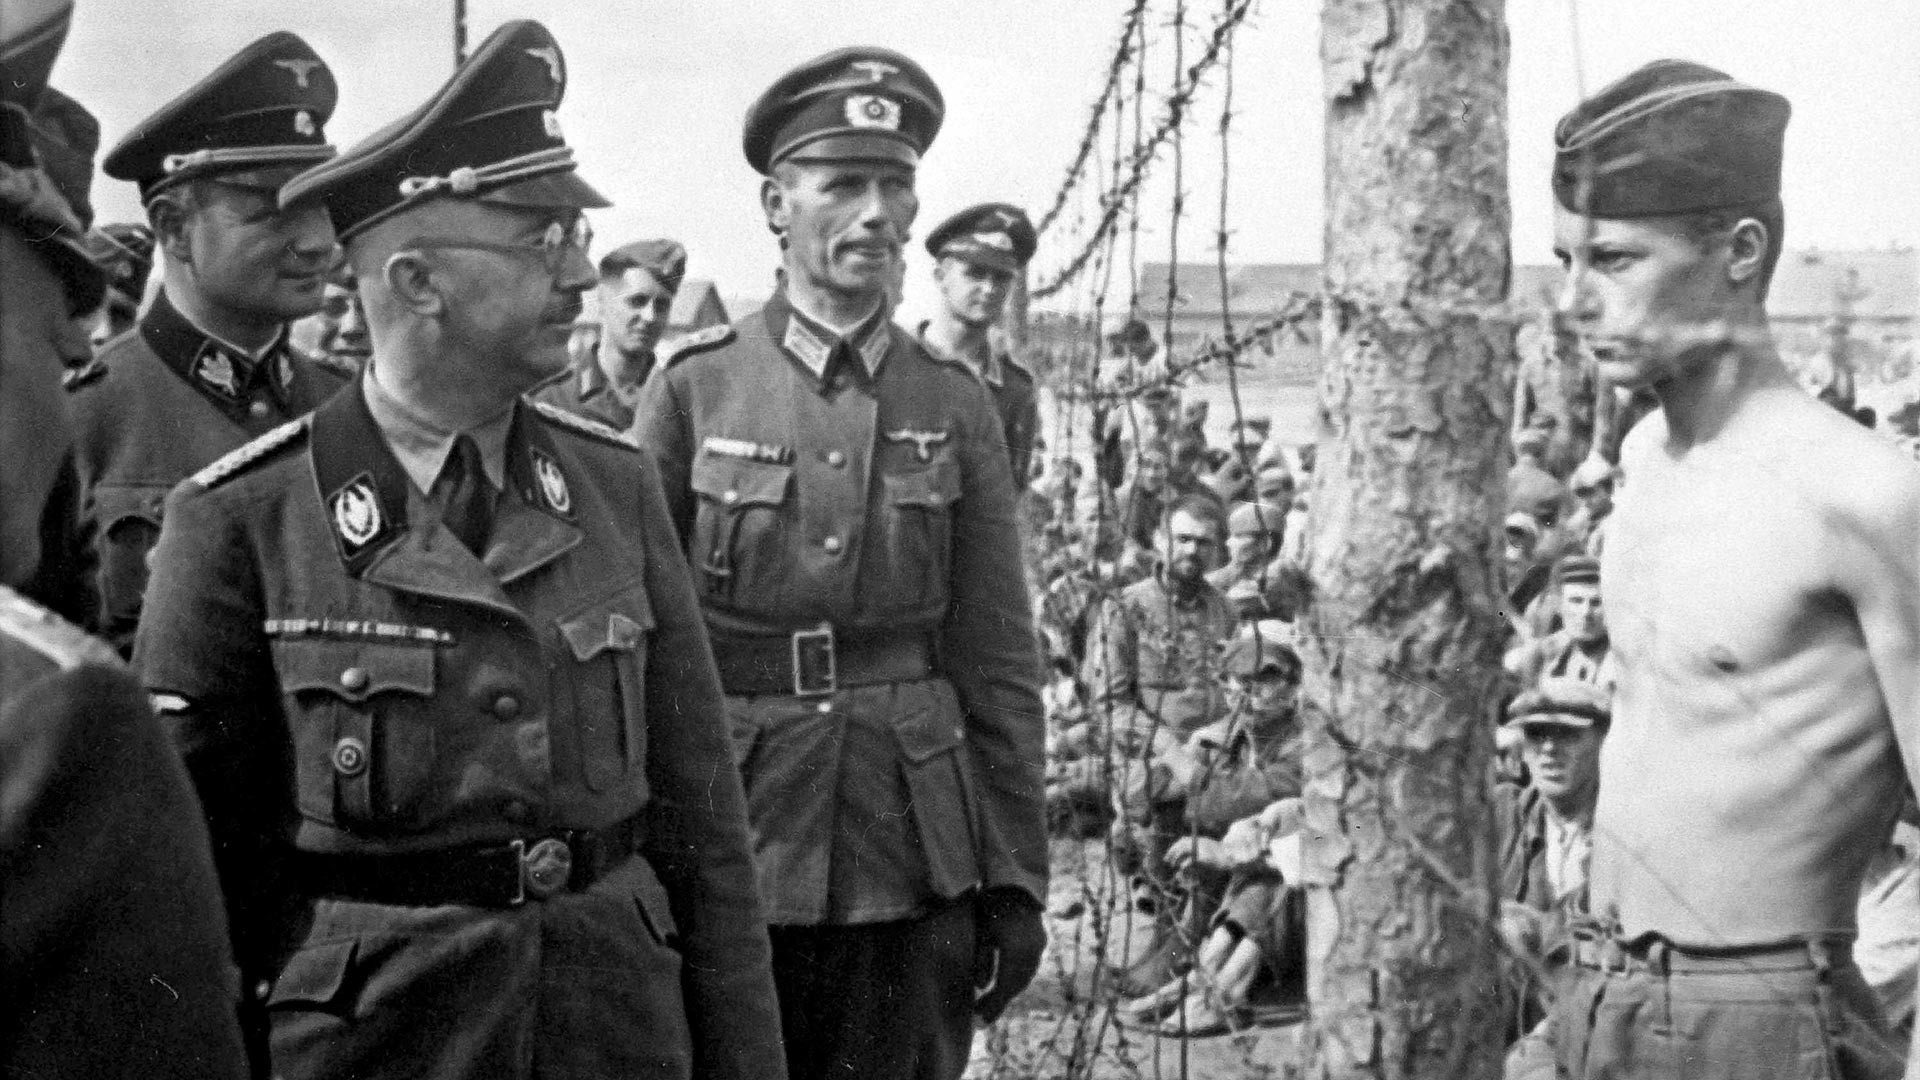 Heinrich Himmler besucht ein Lager mit sowjetischen Gefangenen, 1942.